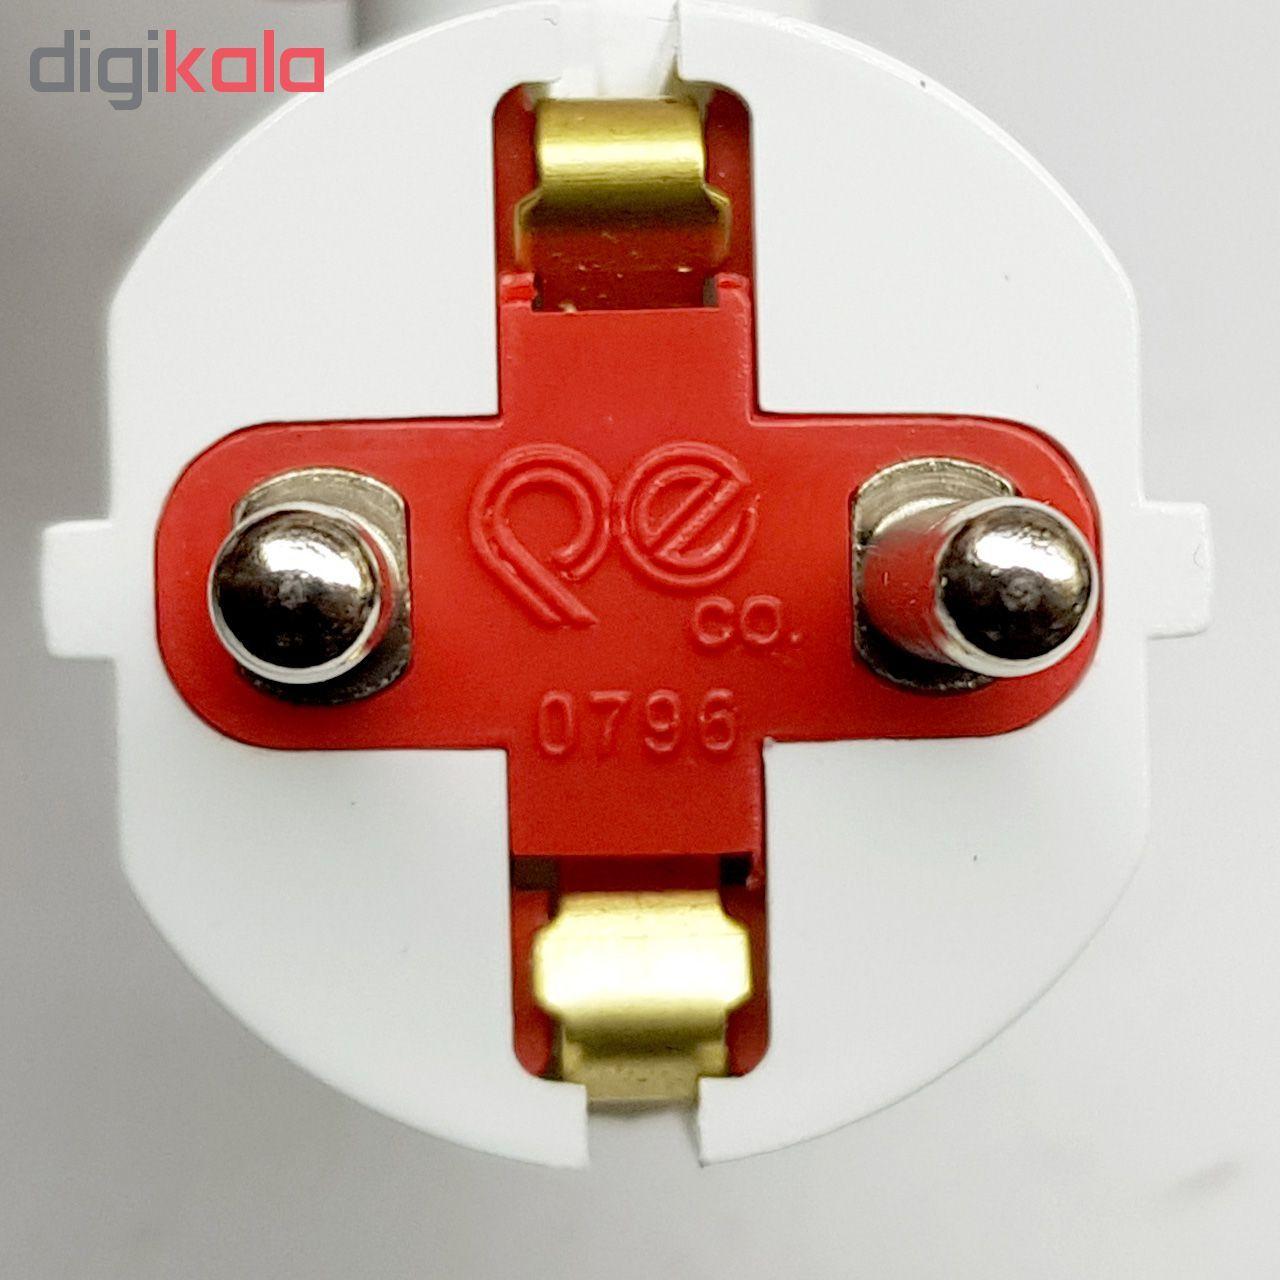 دوشاخه برق پارت الکتریک مدل P973 main 1 4